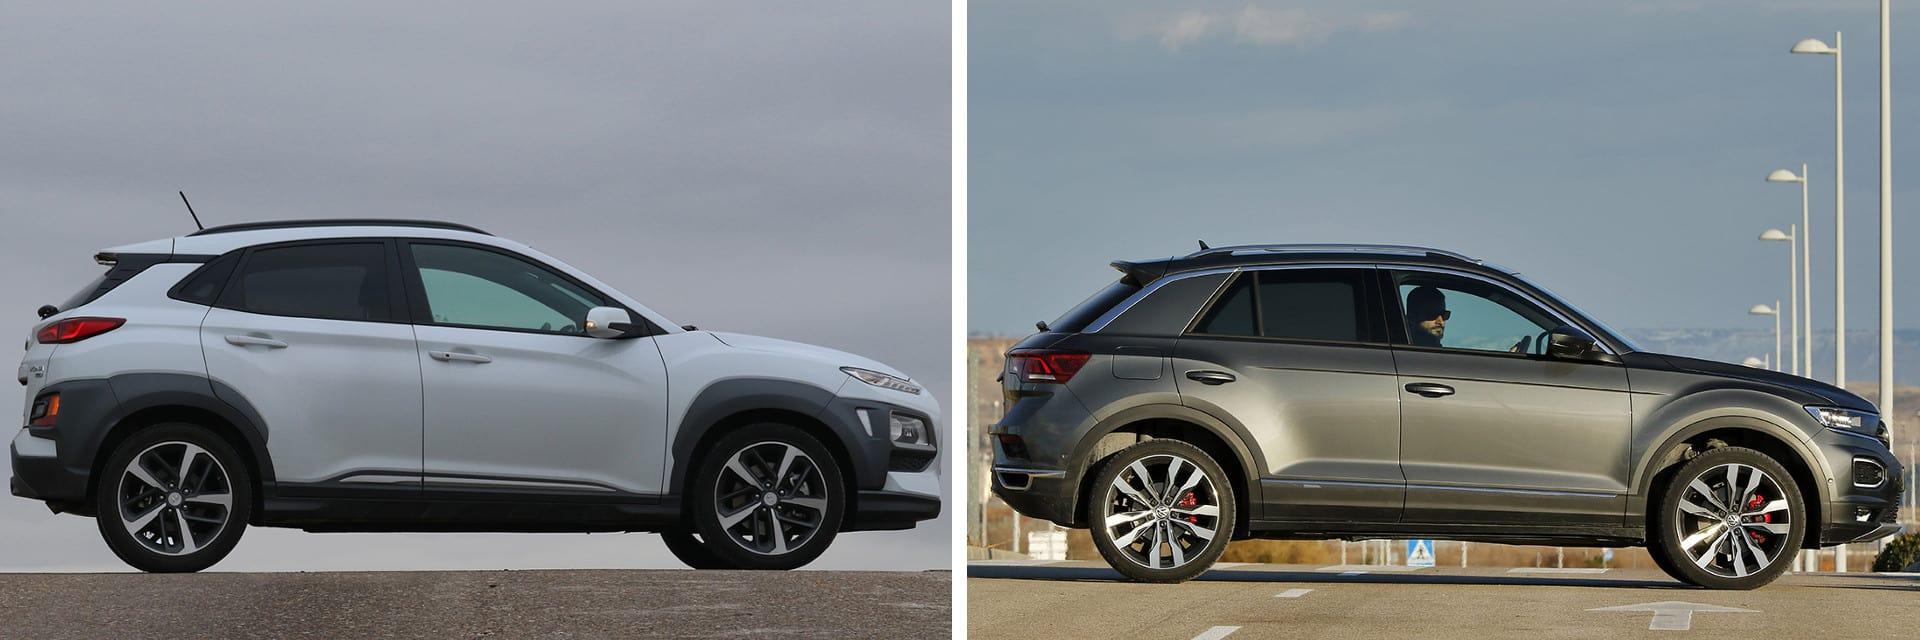 El Volkswagen T-Roc (dcha.) tiene una respuesta más inmediata y un mejor giro que el Kona (izq.)